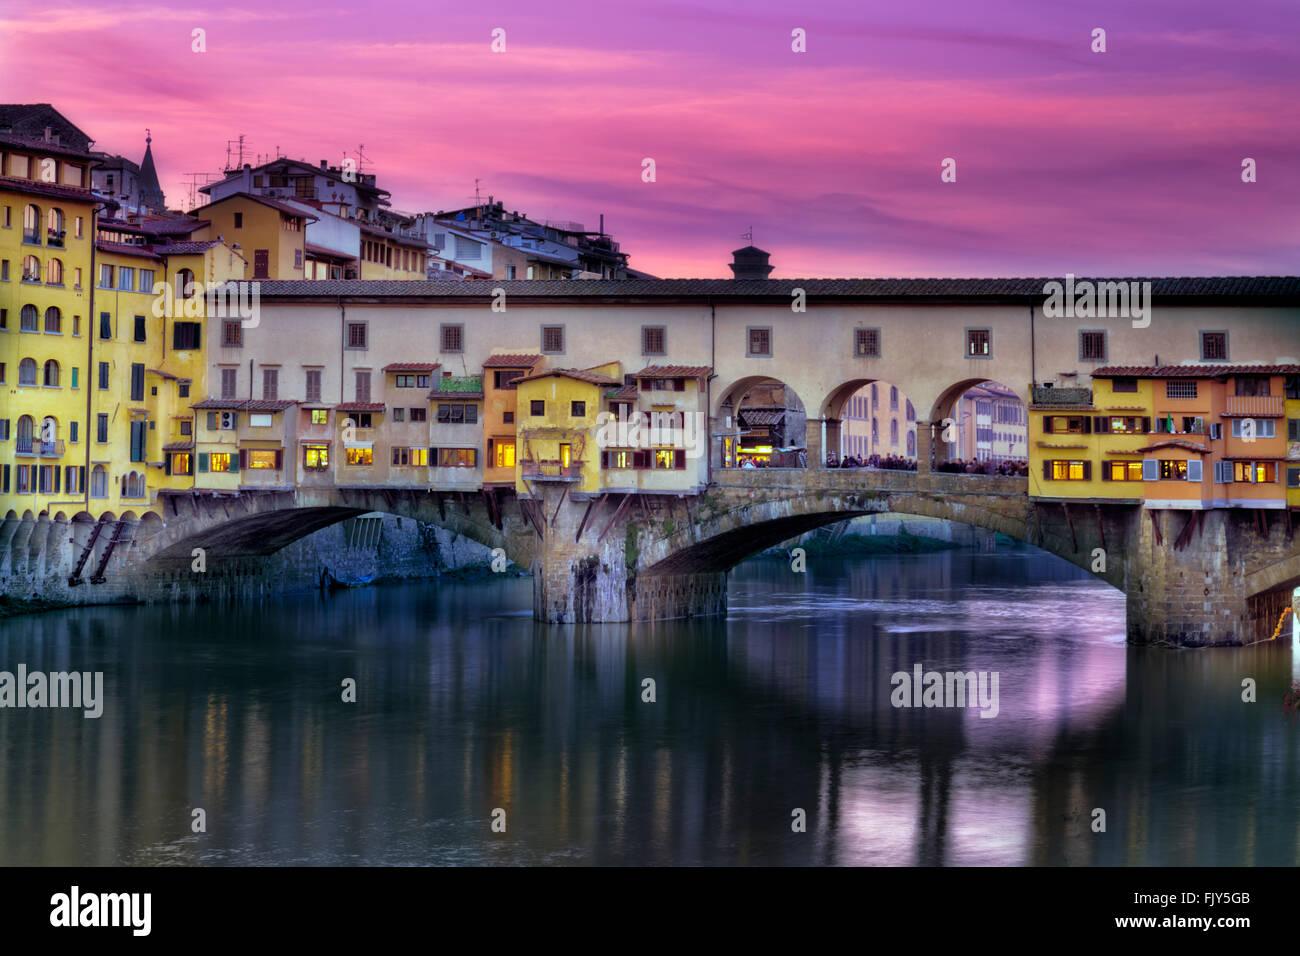 Bellissima e particolare colori crepuscolo in Ponte Vecchio. Firenze, Italia. Immagini Stock